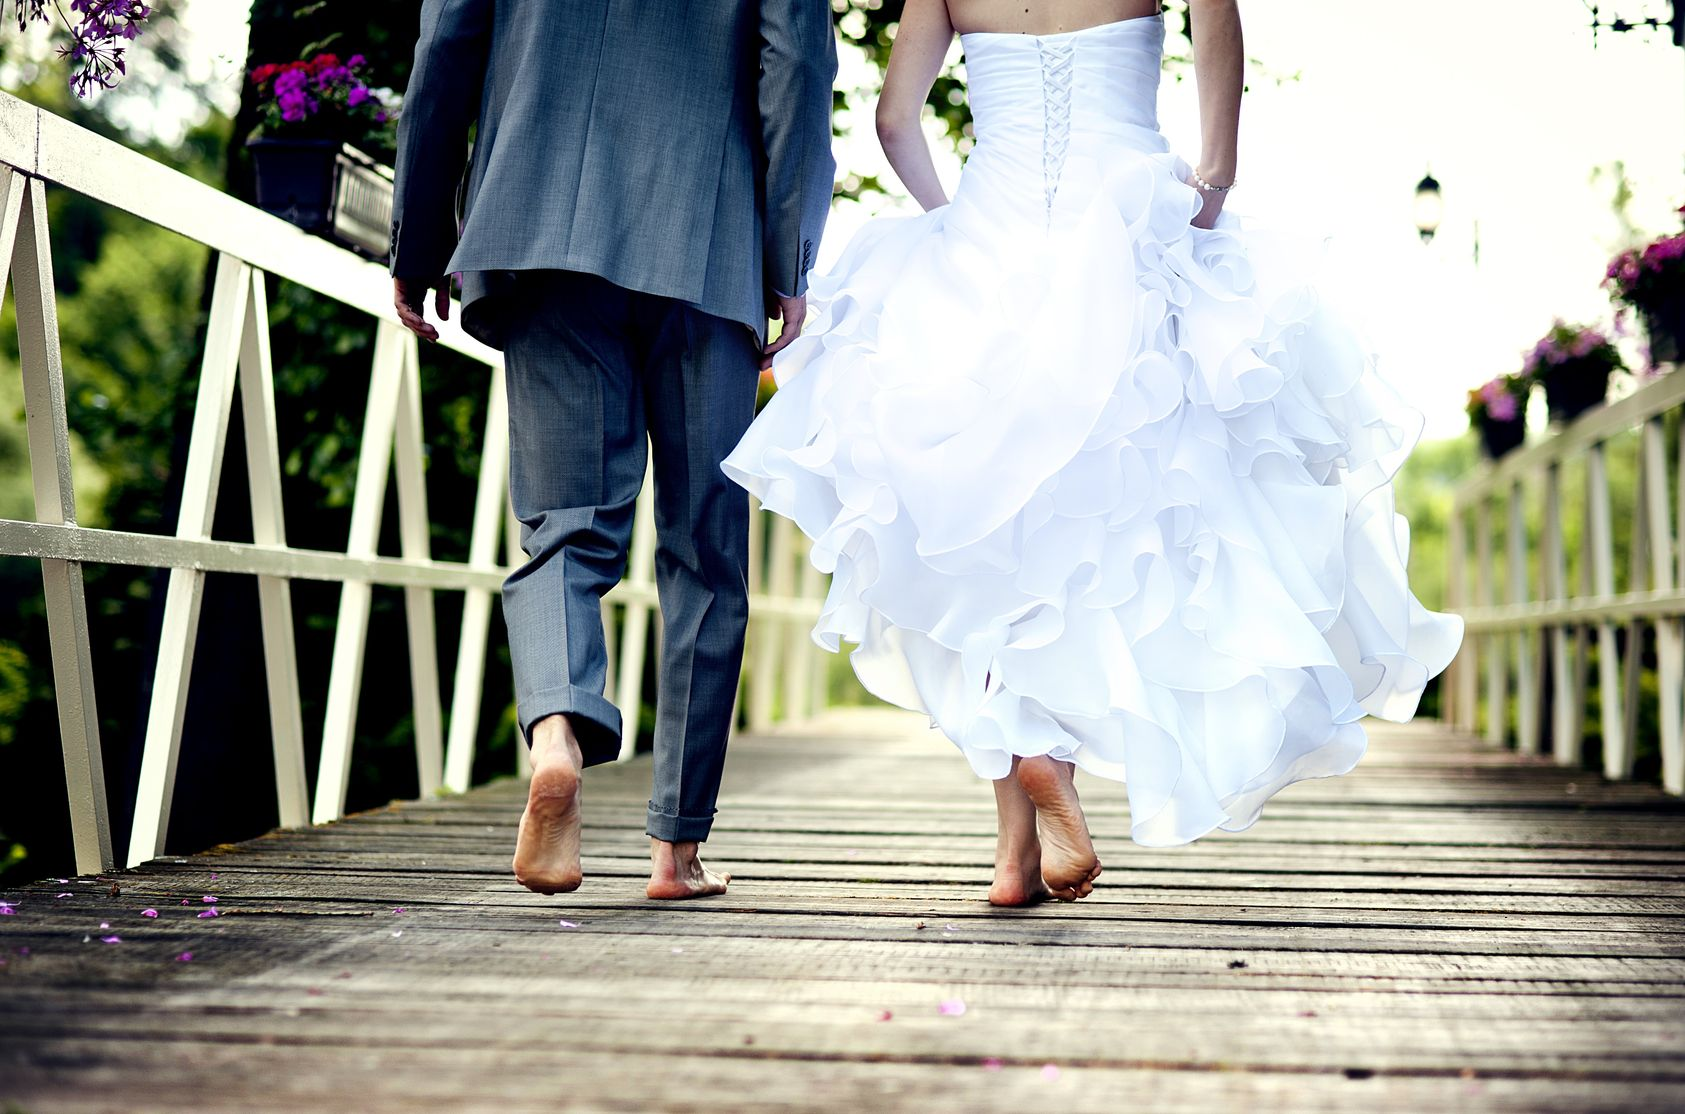 Matrimonio In Separazione Dei Beni : La separazione dei beni